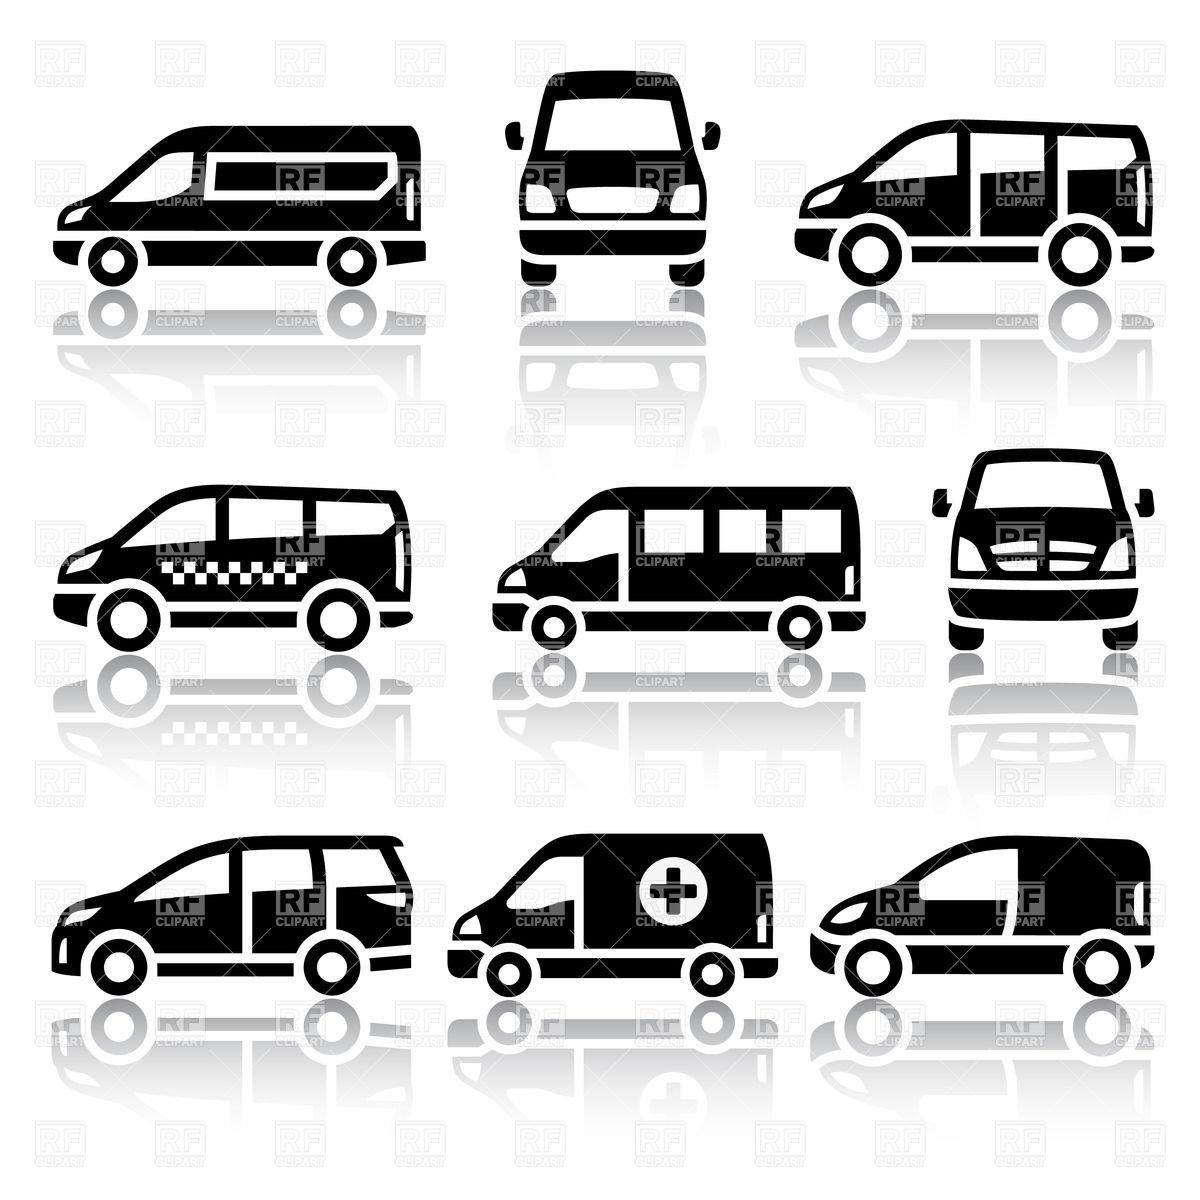 Transportation Van Clip Art Free